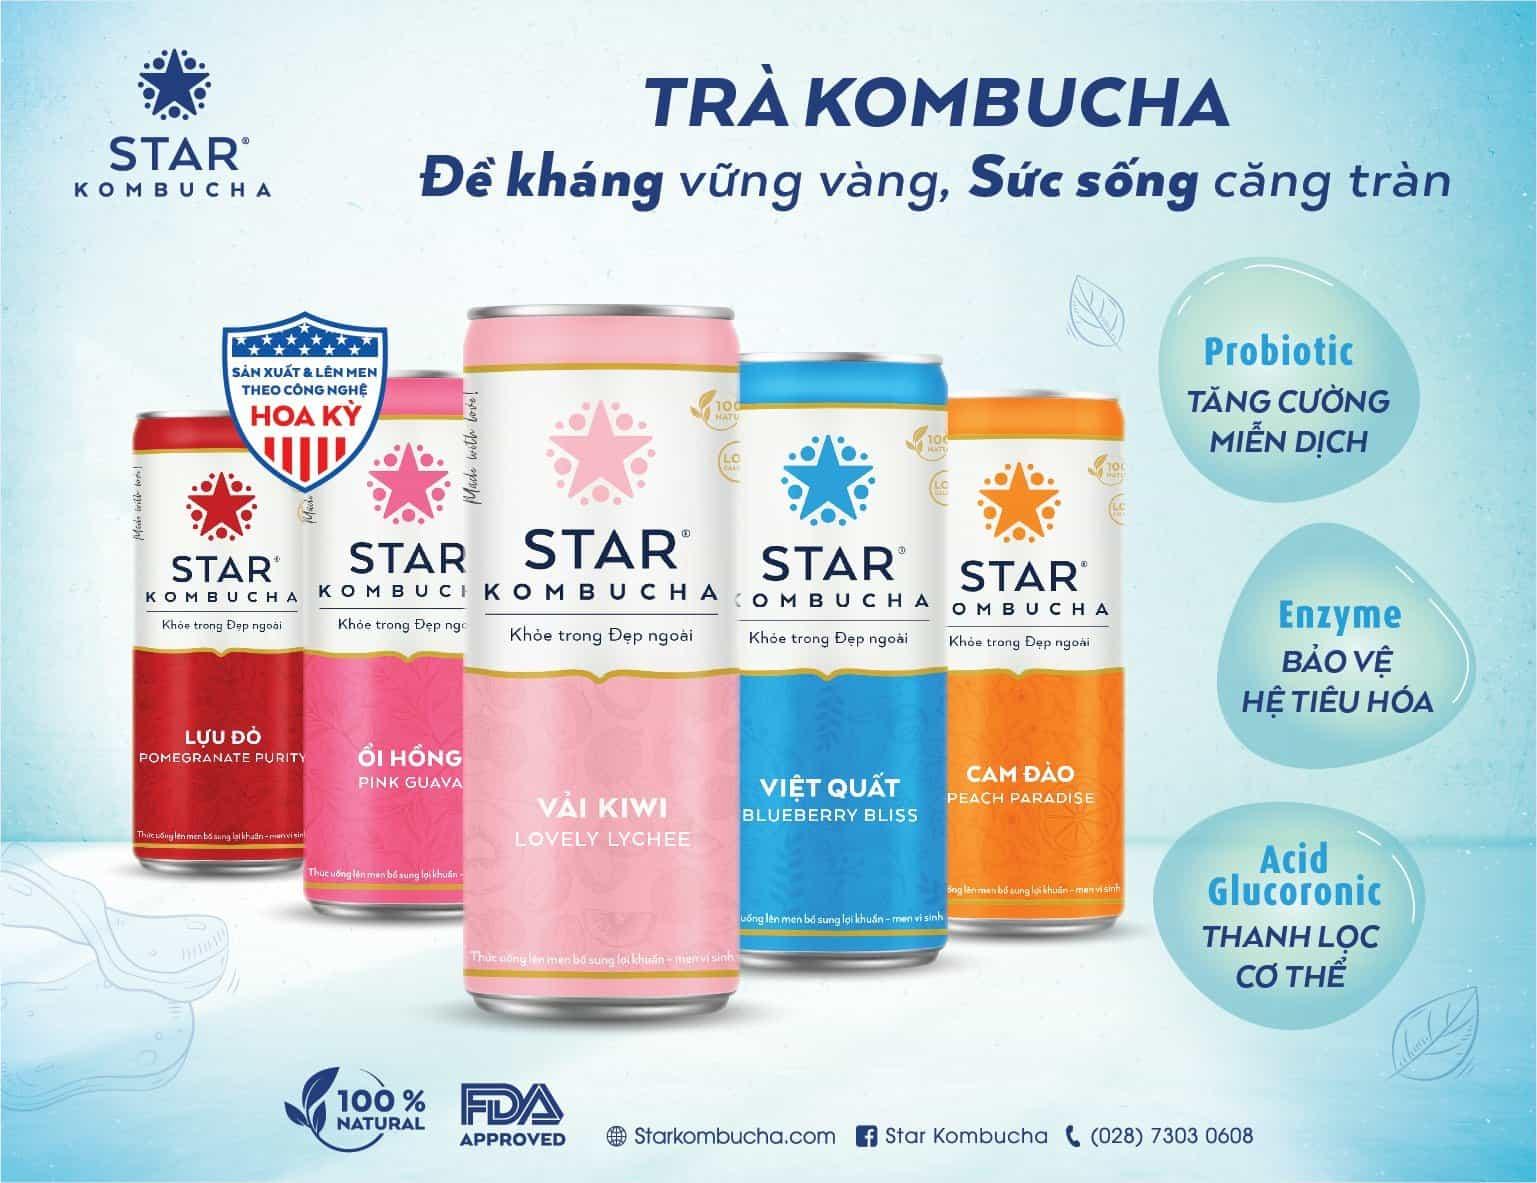 Star Kombucha thức uống giúp phục hồi sức khỏe